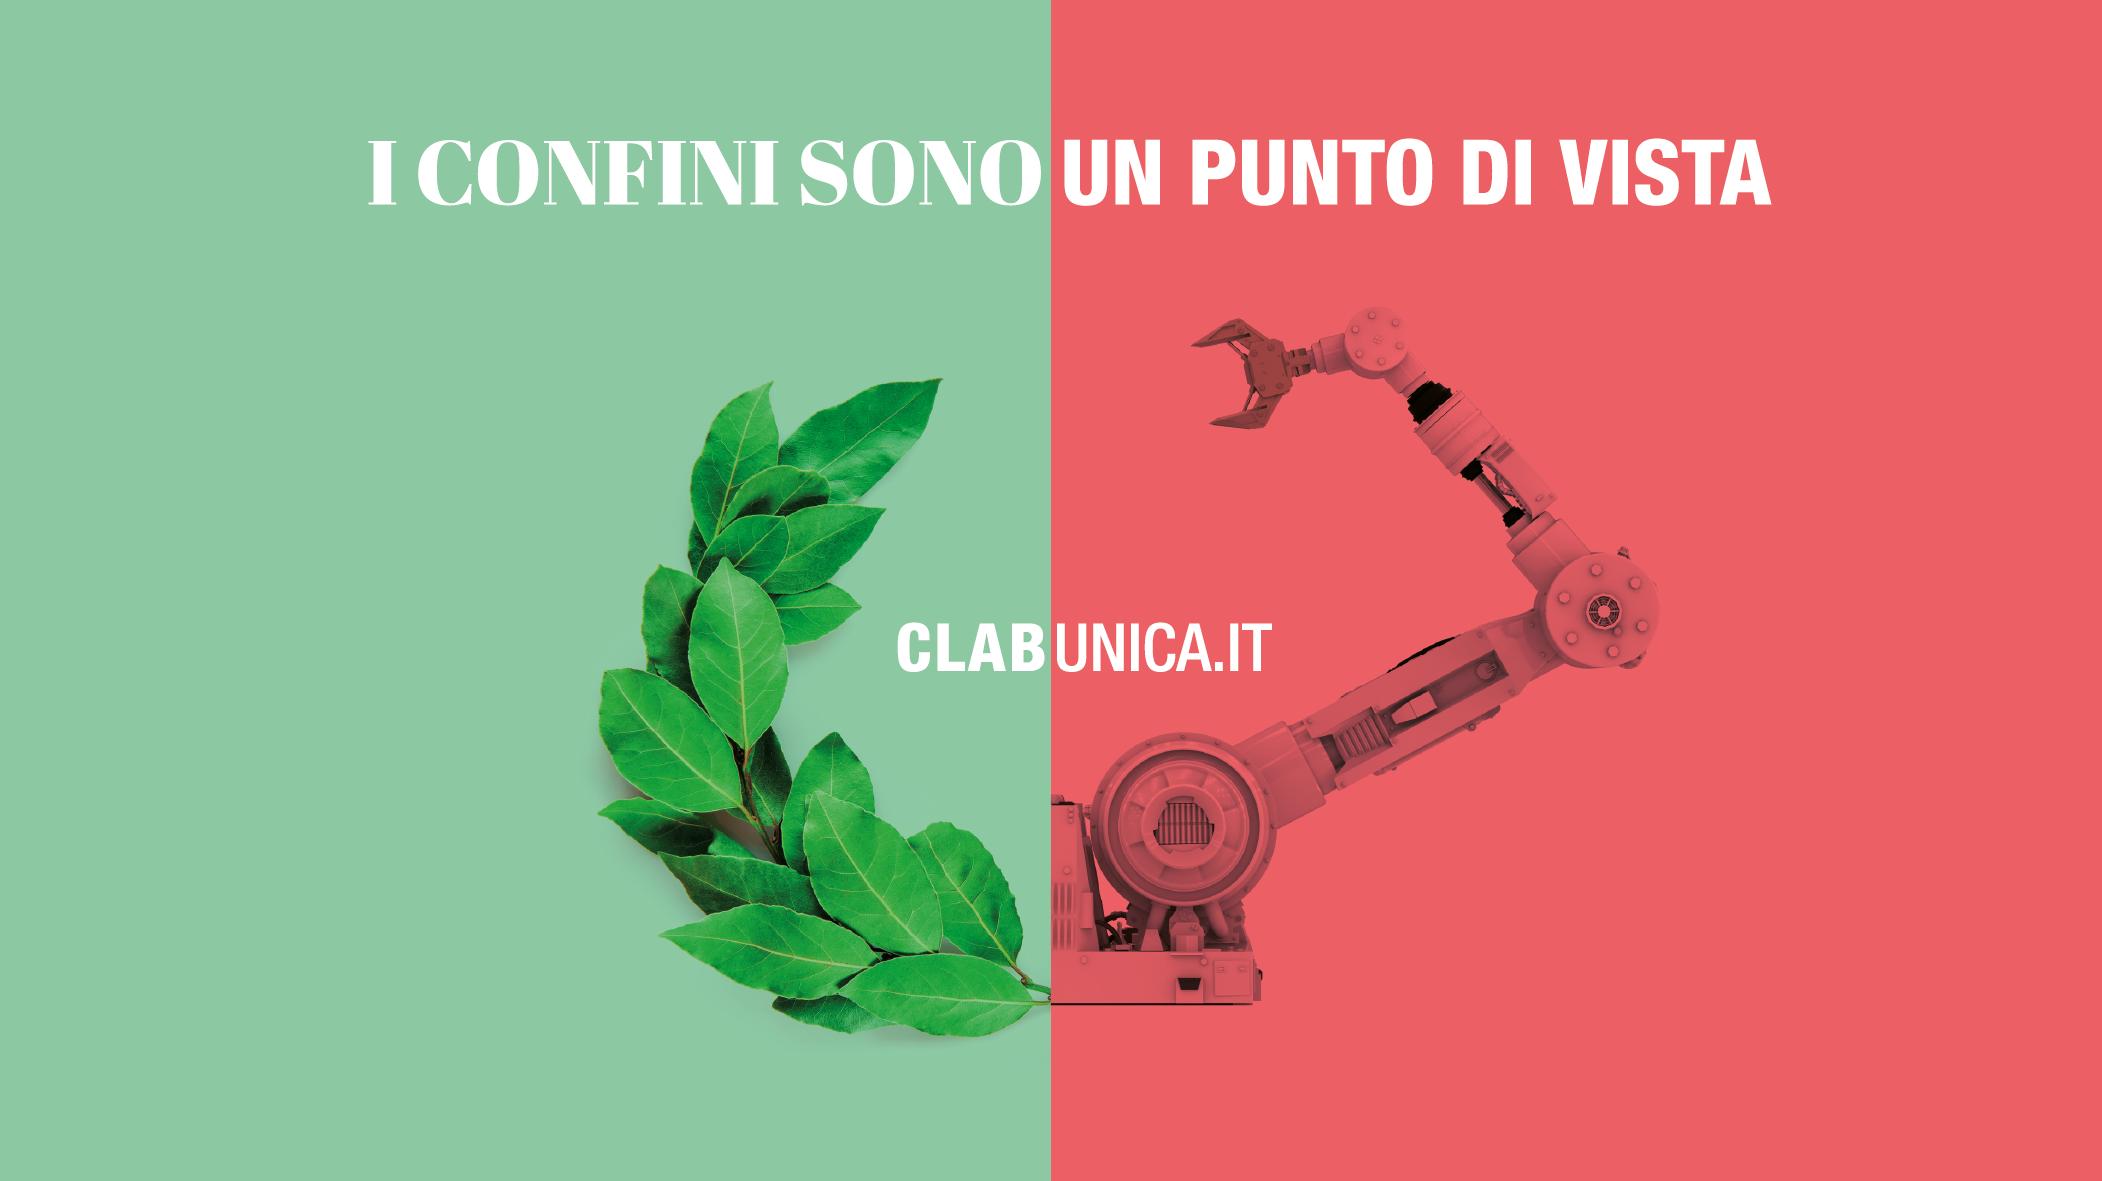 CLabUnica#05 - I CONFINI SONO UN PUNTO DI VISTA